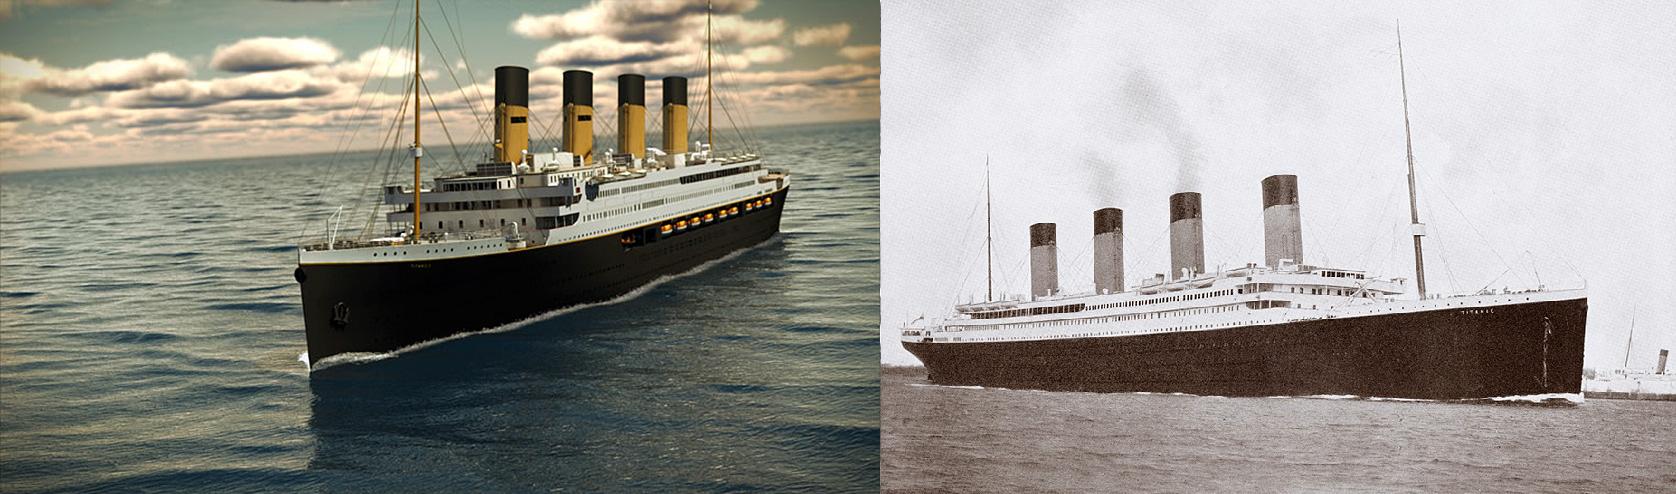 Titanic II e o Titanic original (FOTO: DIVULGAÇÃO)